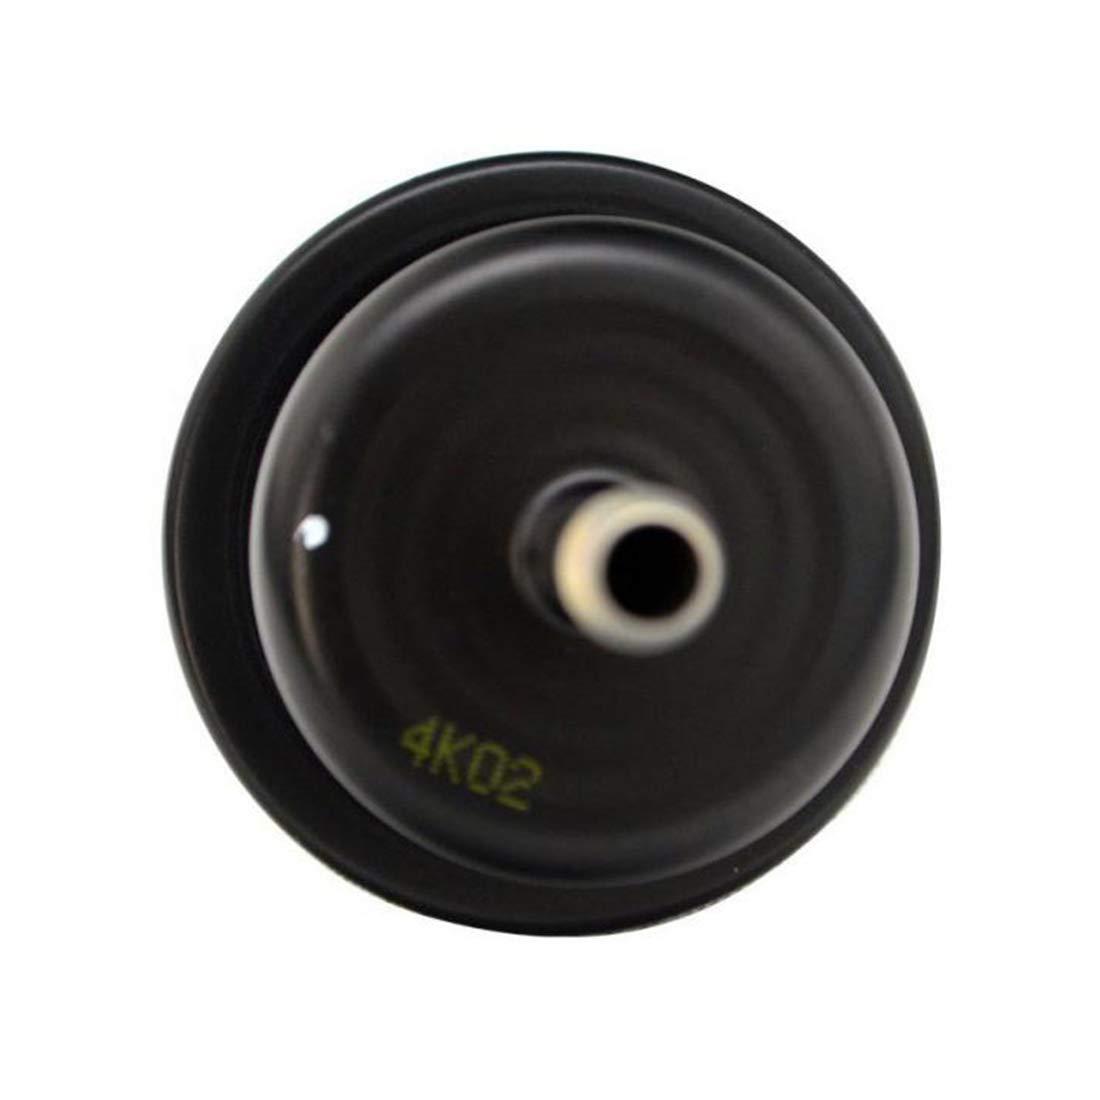 HZYCKJ Automatic Transmission Fluid Filter OEM # 25430-PLR-003